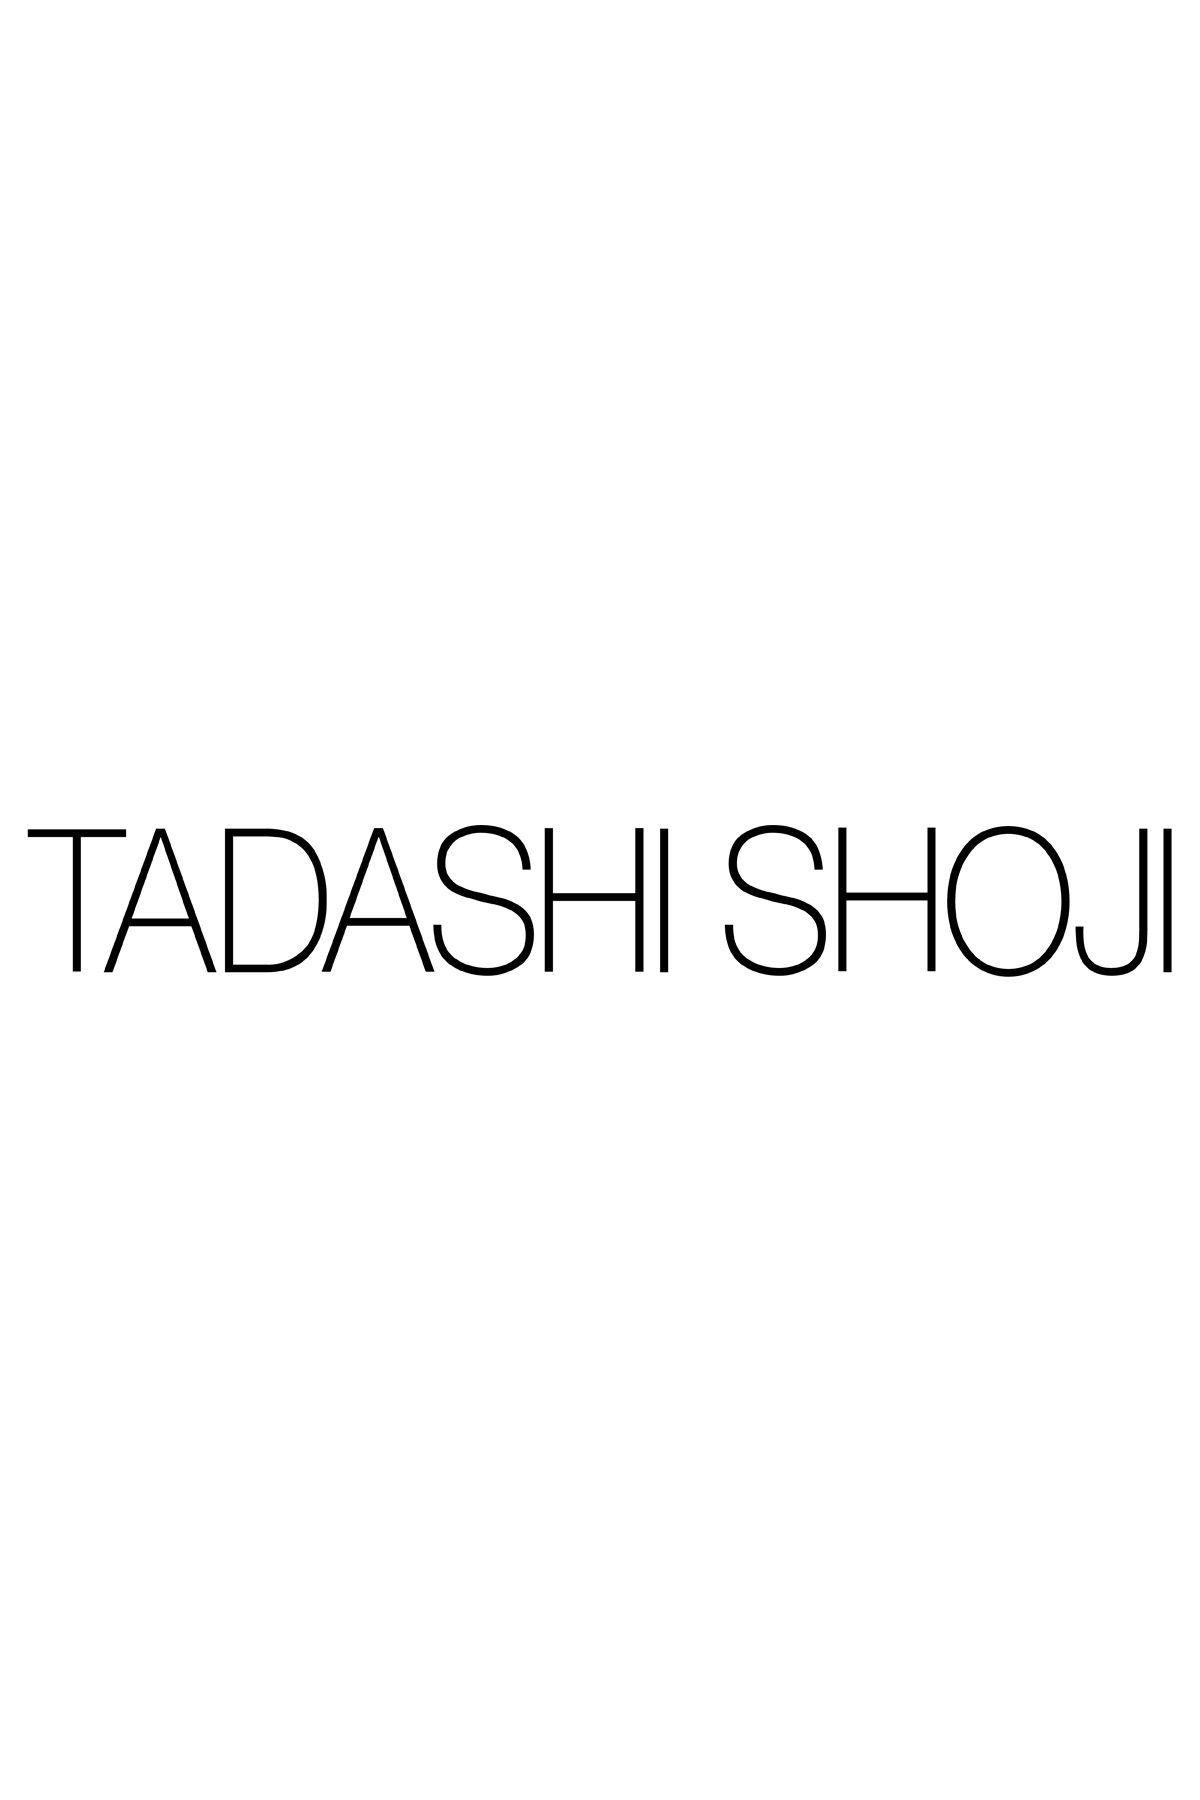 Tadashi Shoji - Katori Dress - Detail